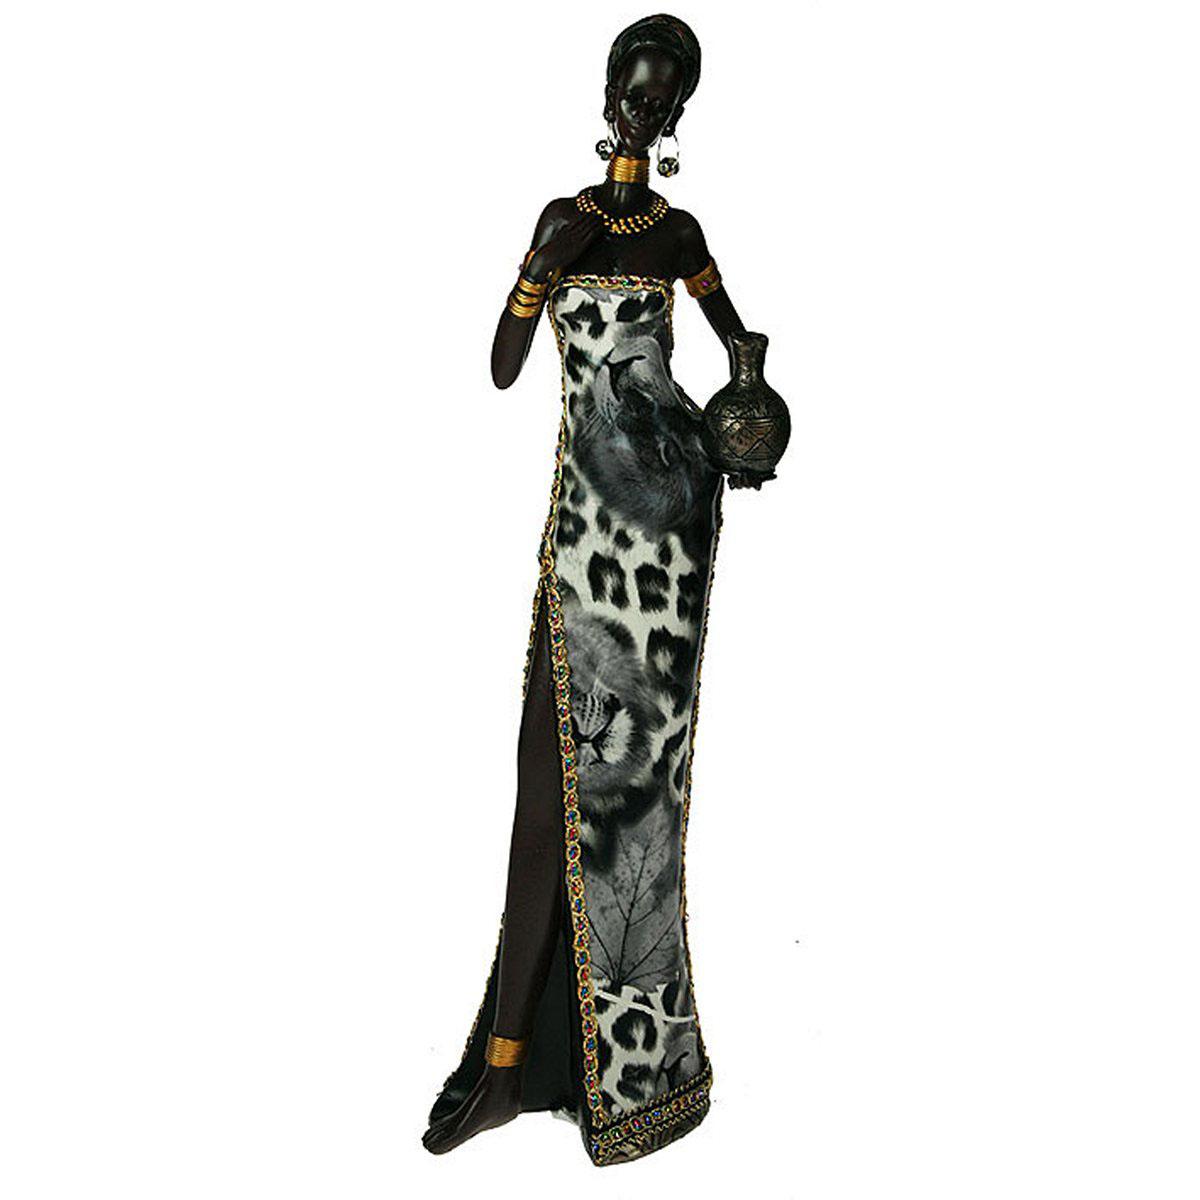 Статуэтка Русские Подарки Африканка, 14 х 8 х 43 см. 2611826118Статуэтка Русские Подарки Африканка, изготовленная из полистоуна, имеет изысканный внешний вид. Изделие станет прекрасным украшением интерьера гостиной, офиса или дома. Вы можете поставить статуэтку в любое место, где она будет удачно смотреться и радовать глаз. Правила ухода: регулярно вытирать пыль сухой, мягкой тканью.